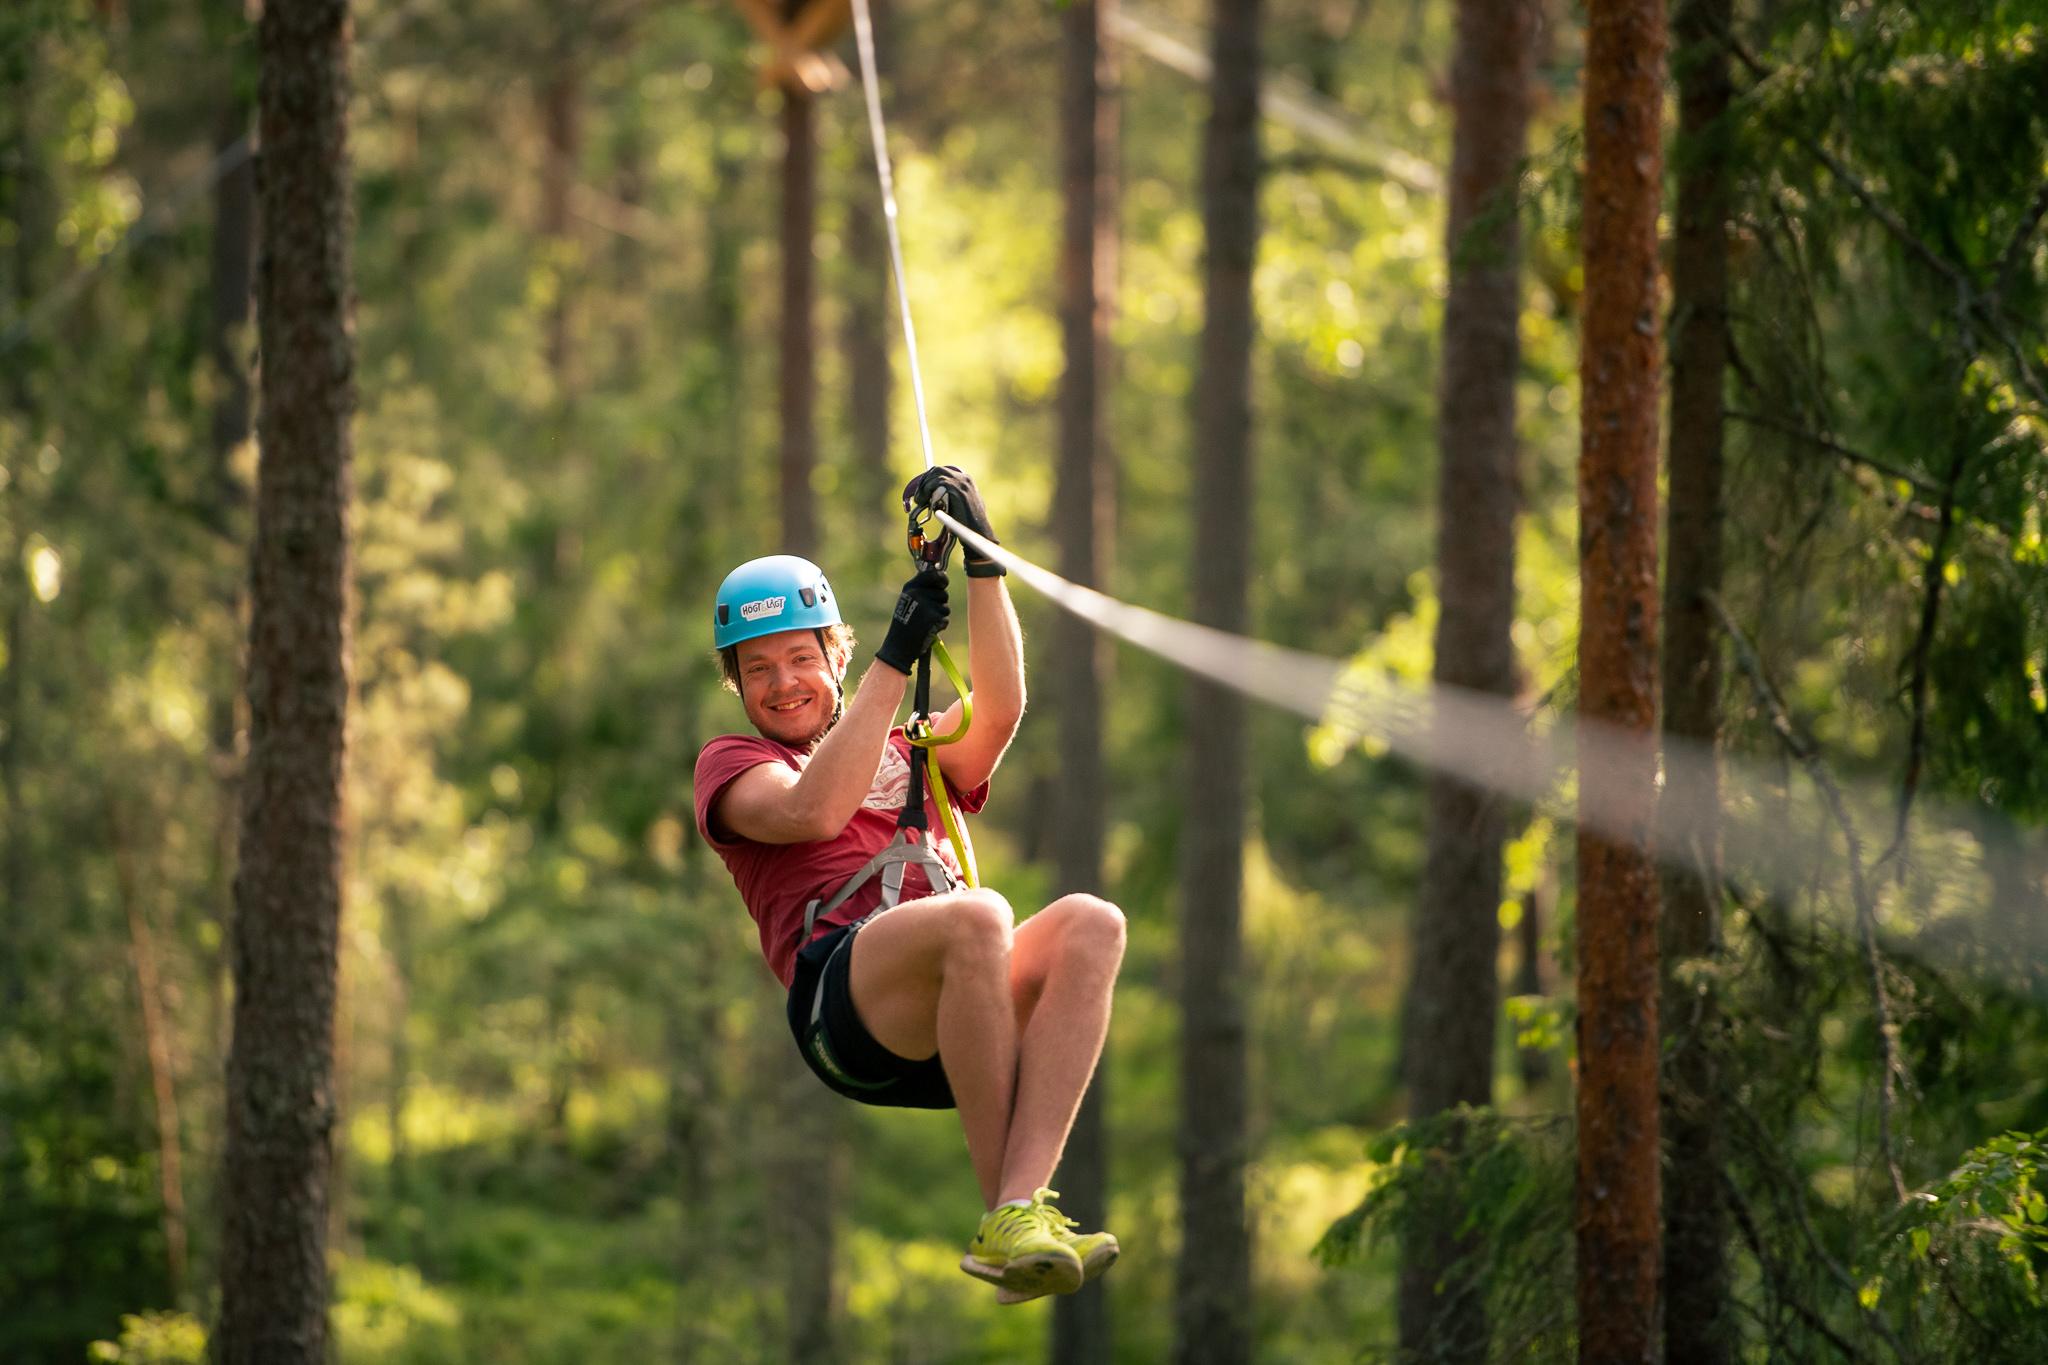 Åka zipline genom skogen